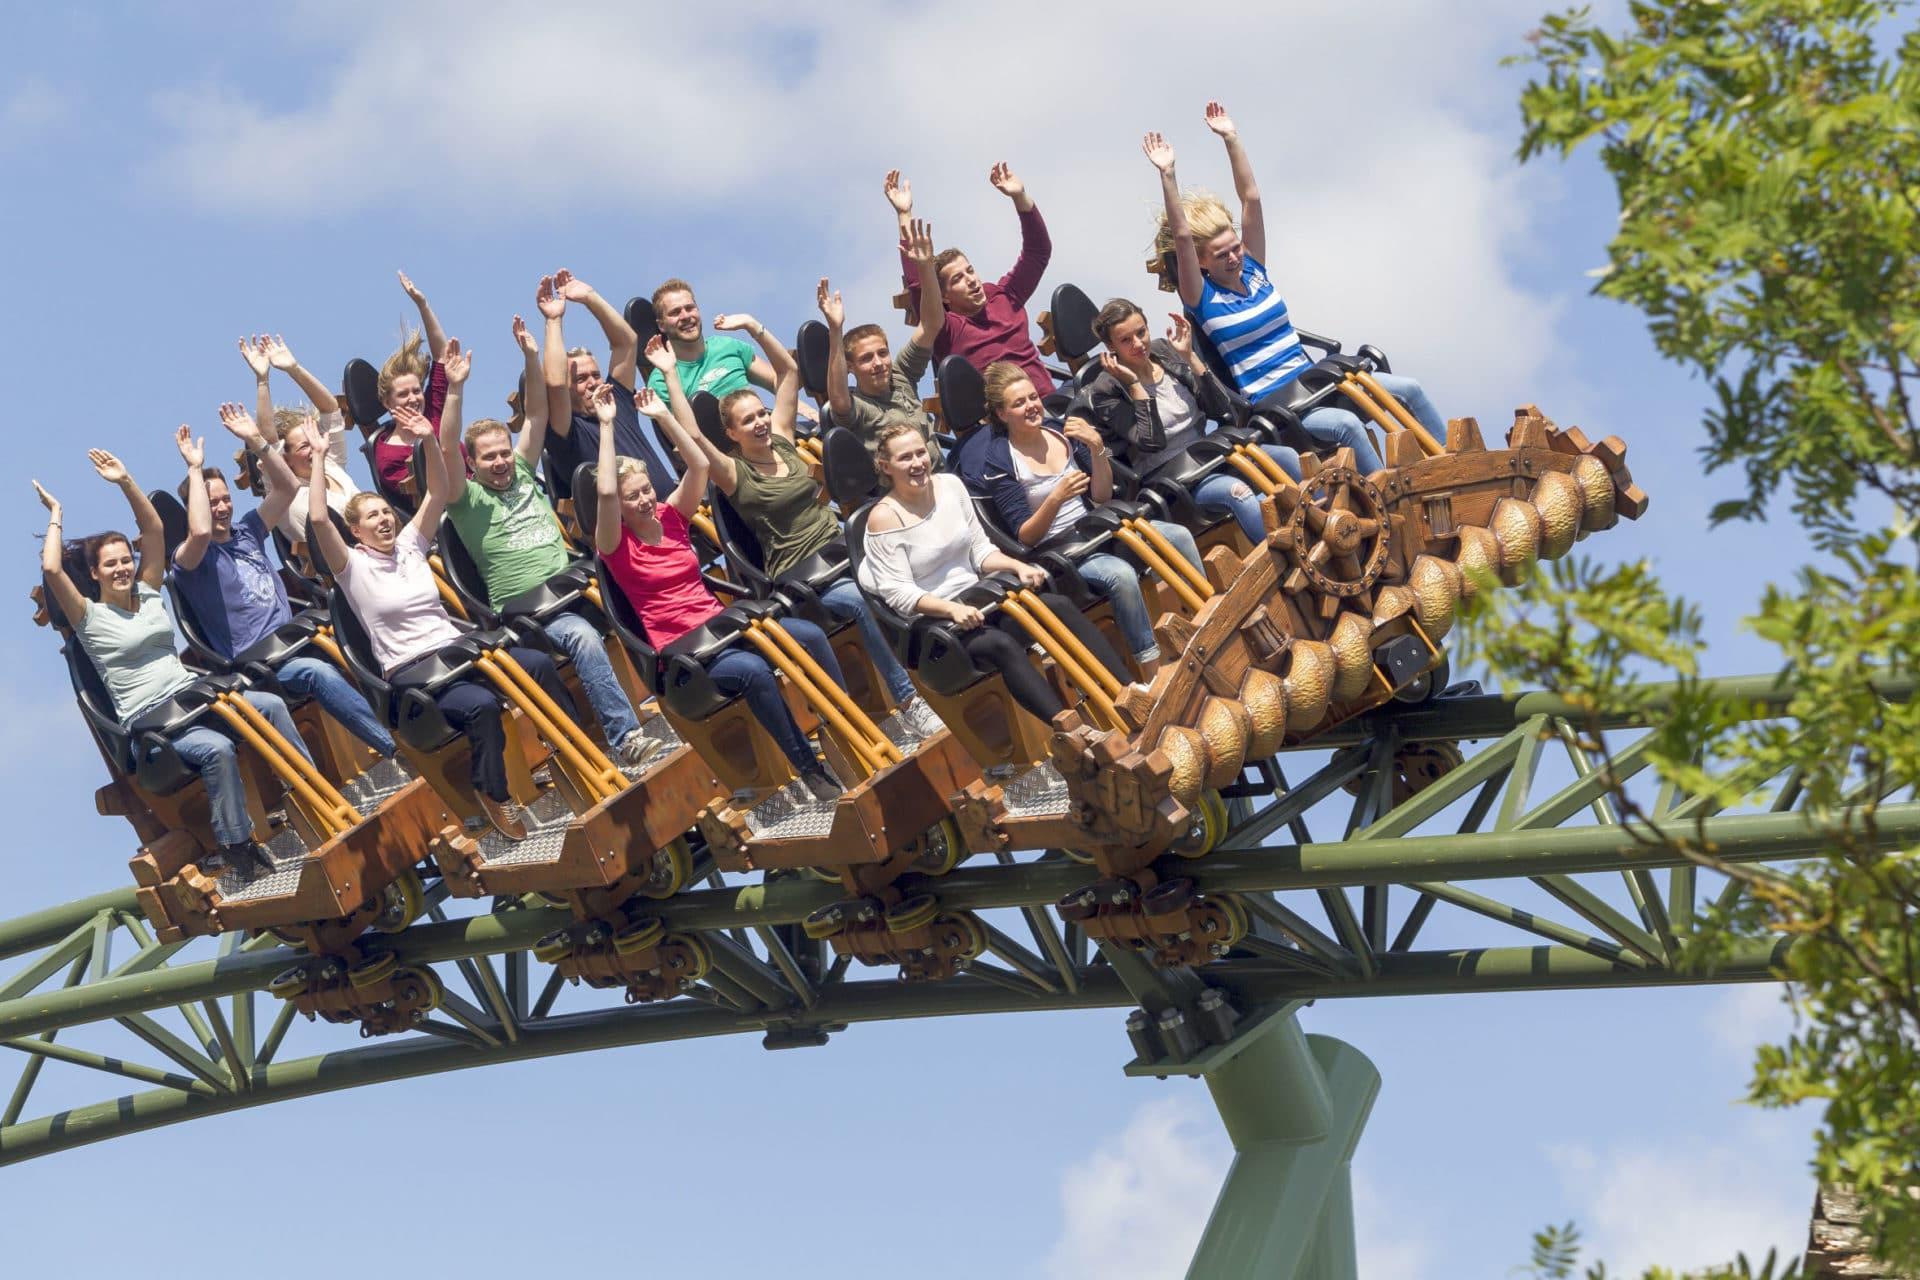 Achterbahnen und Ostseestrand ziehen jedes Jahr weit mehr als eine Million Besucher in den Hansa-Park nach Sierksdorf. Foto: djd / HANSA-PARK Freizeit- und Familienpark